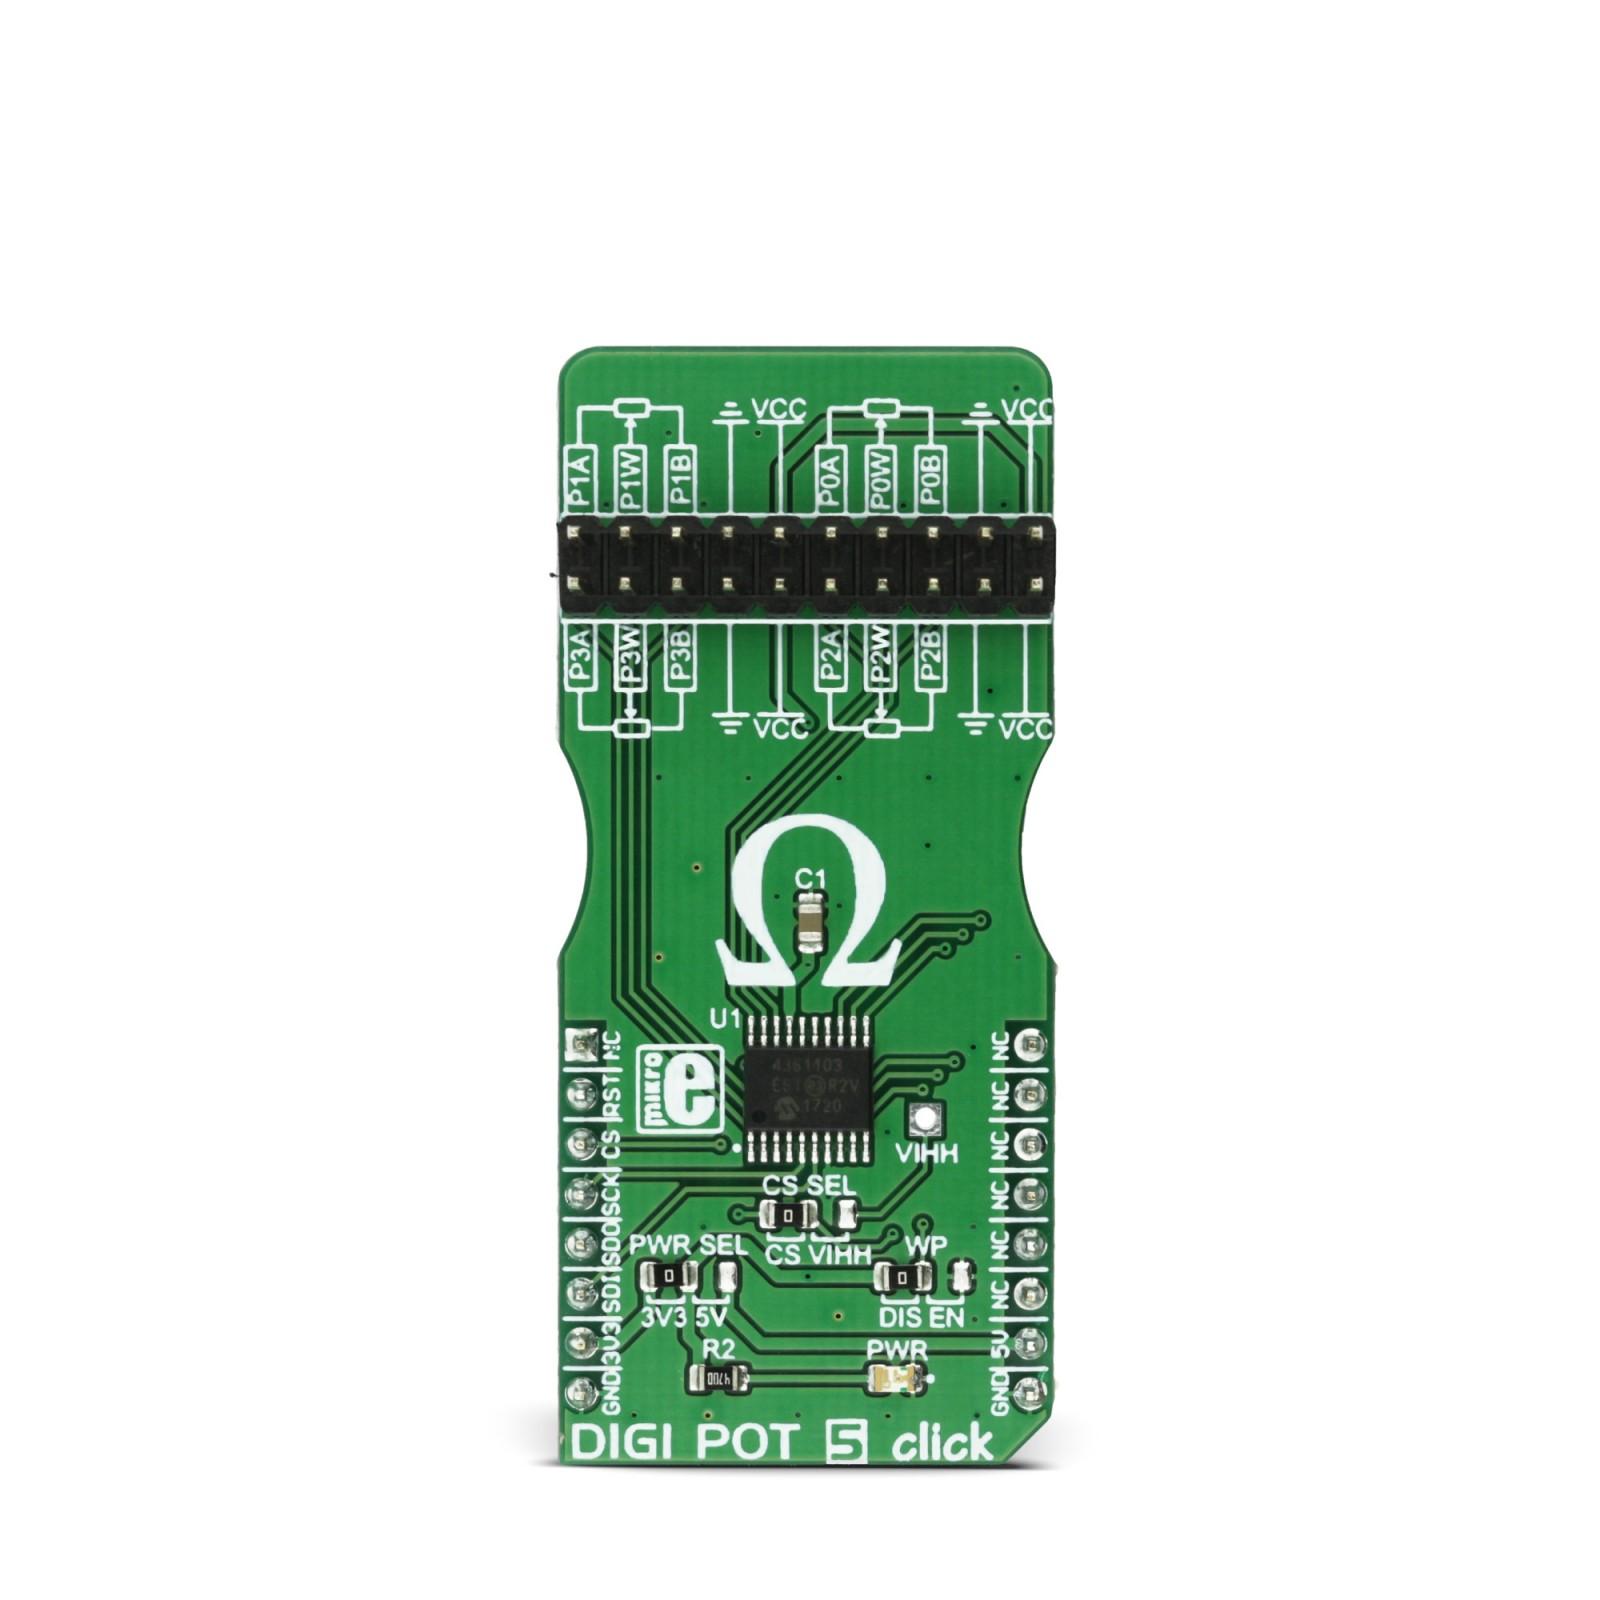 Digi Pot 5 Click Mikroelektronika Amplifier Discrete Semiconductor Circuits Electronics Textbook Mgctlbxnmzp Mgctlbxv5112 Mgctlbxlc Mgctlbxpprestashop